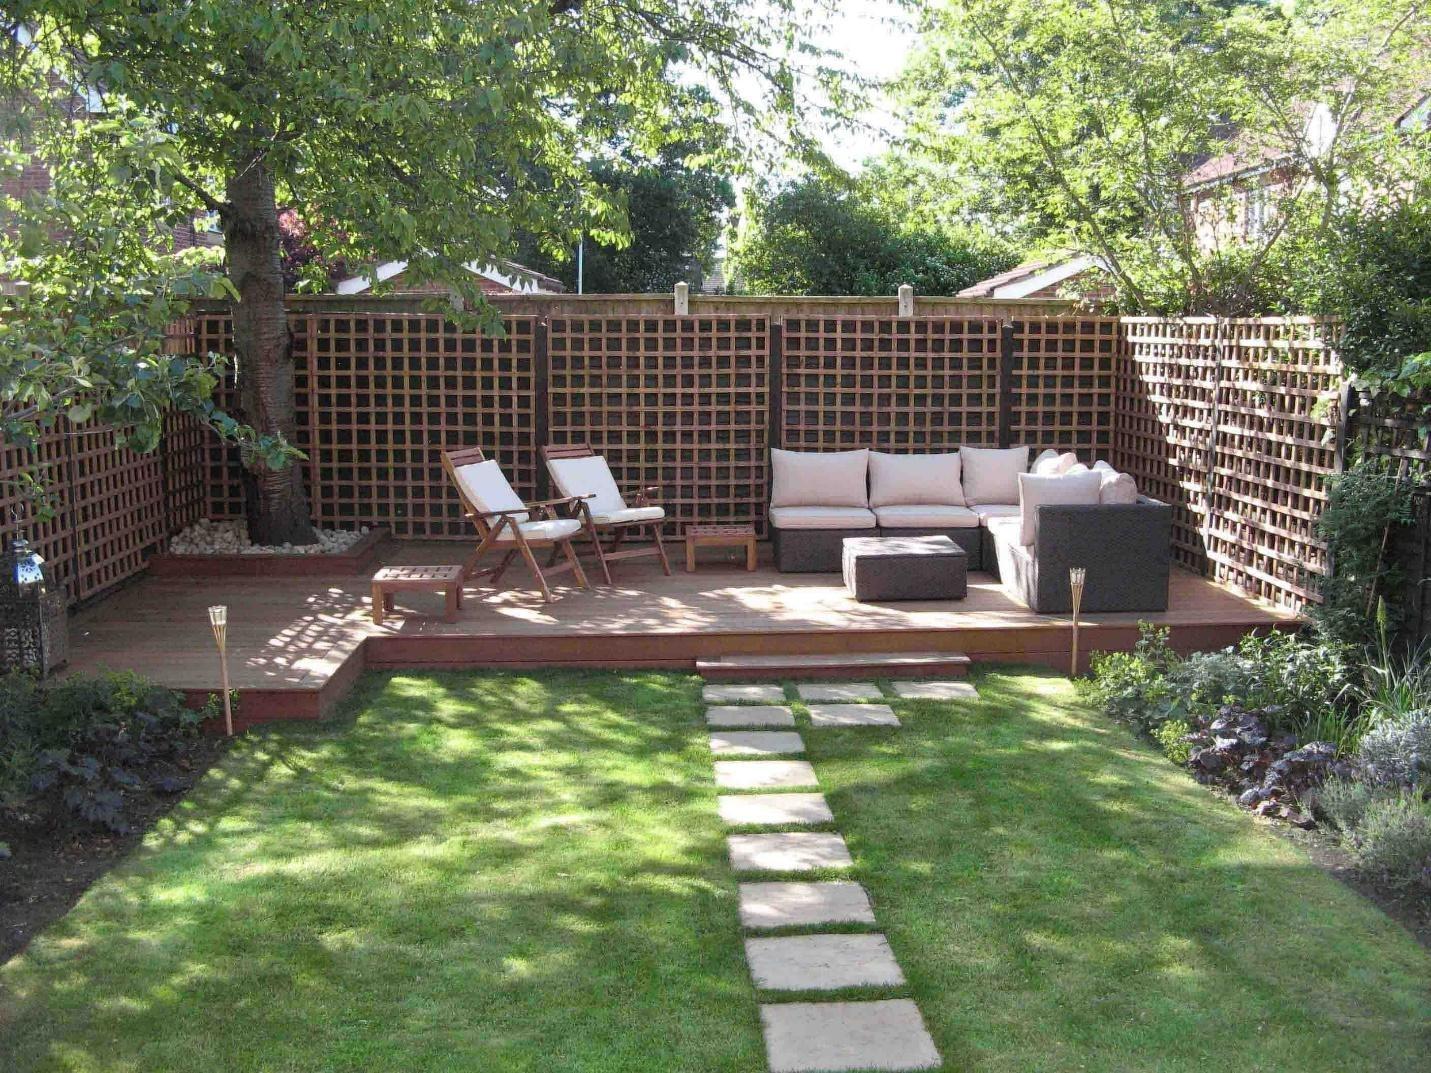 2. SIMPHOME.COM A Patio with a Garden Path